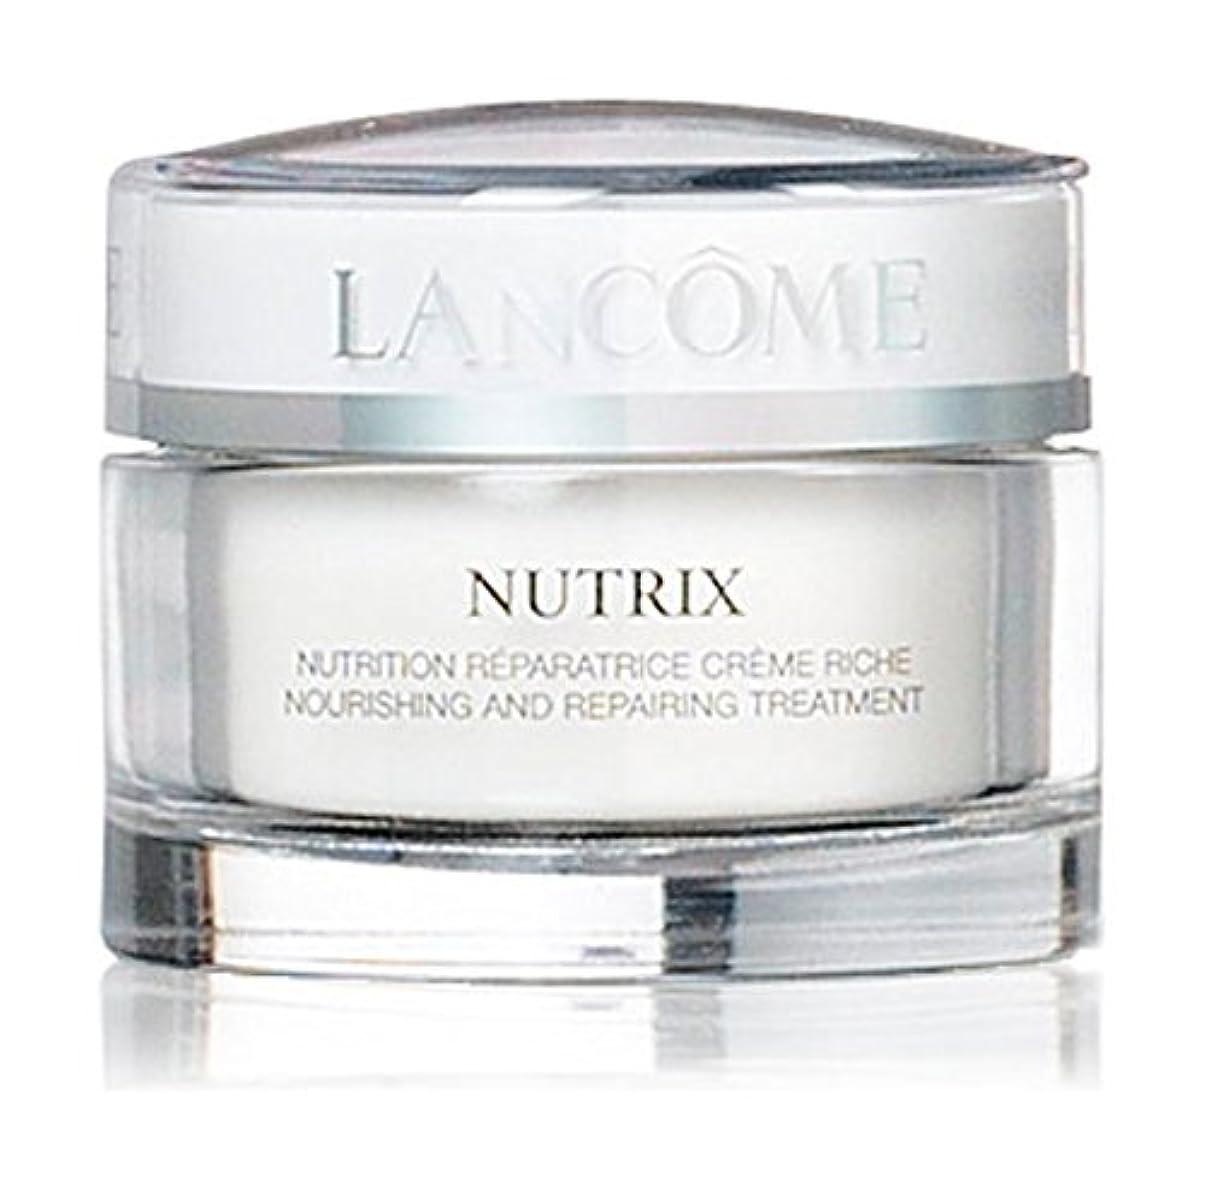 季節植物学獲物ランコム Nutrix Nourishing And Repairing Treatment Rich Cream - For Very Dry, Sensitive Or Irritated Skin 50ml/1.7oz...